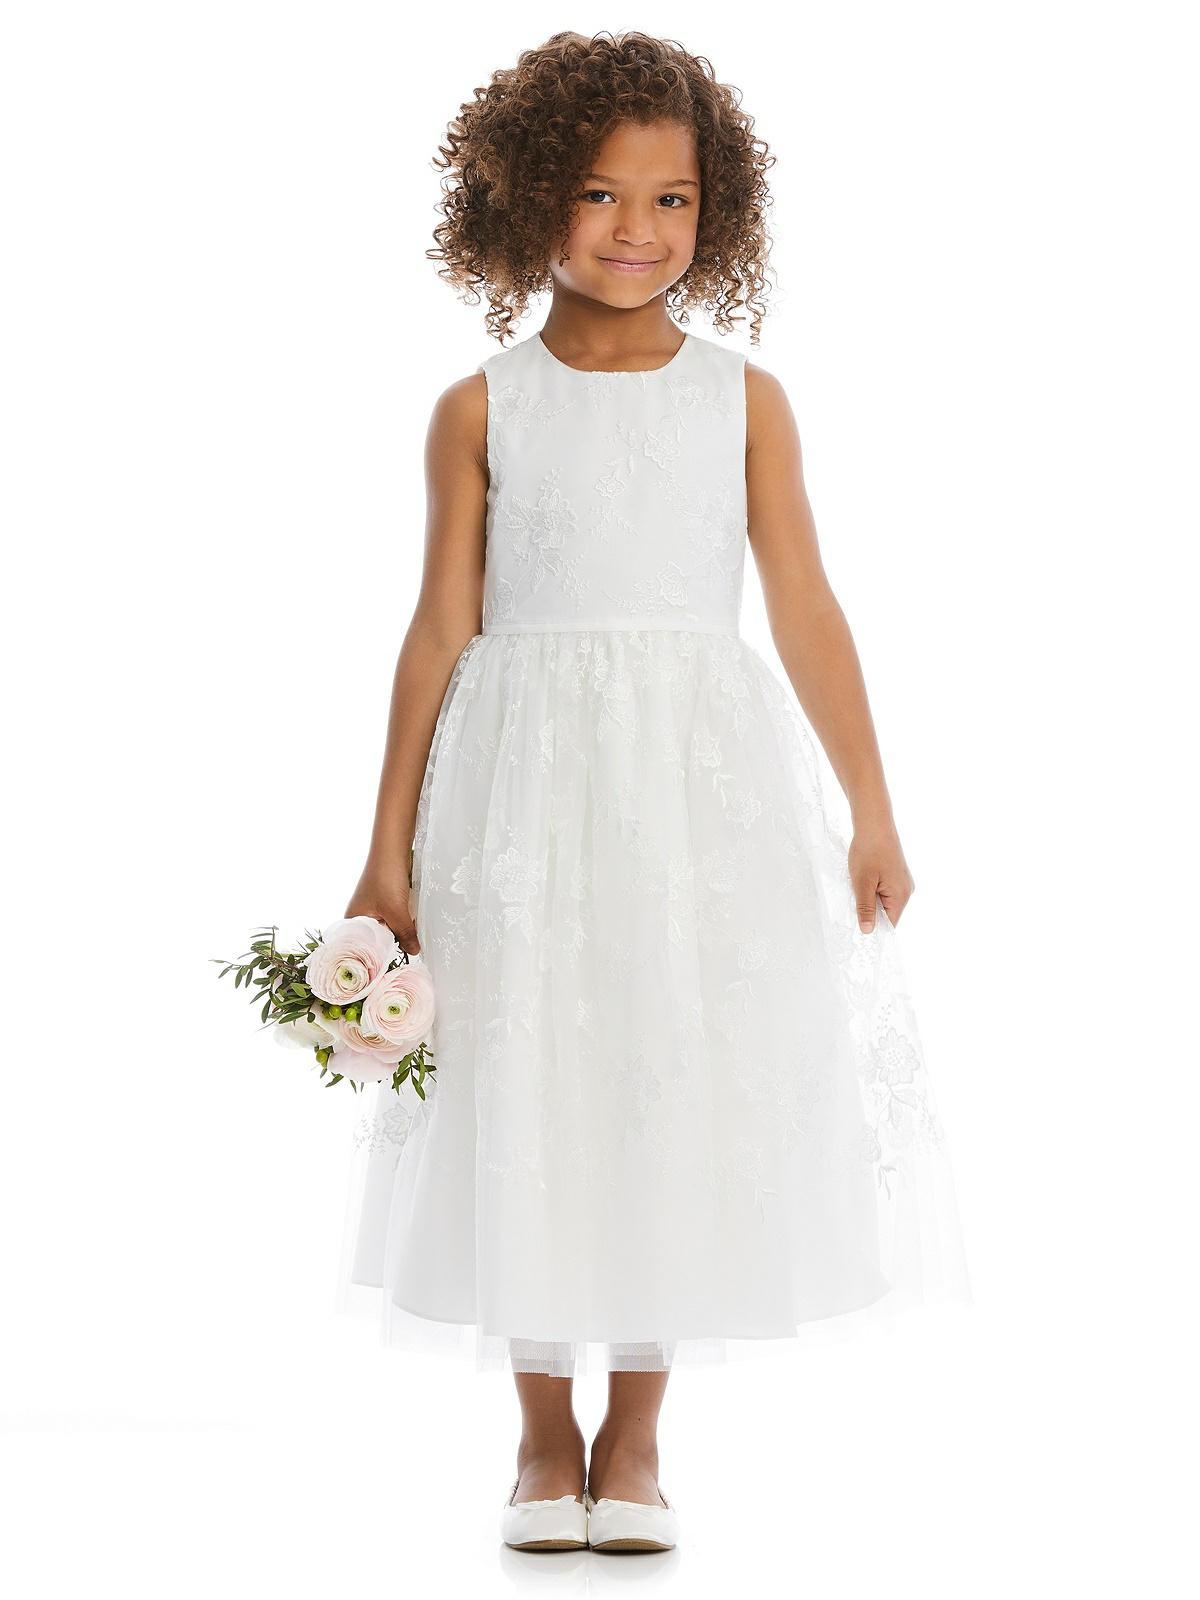 5c8d5d80a29 Flower Girl Dress FL4064 Flower Girl Dress FL4065 Dessy ...